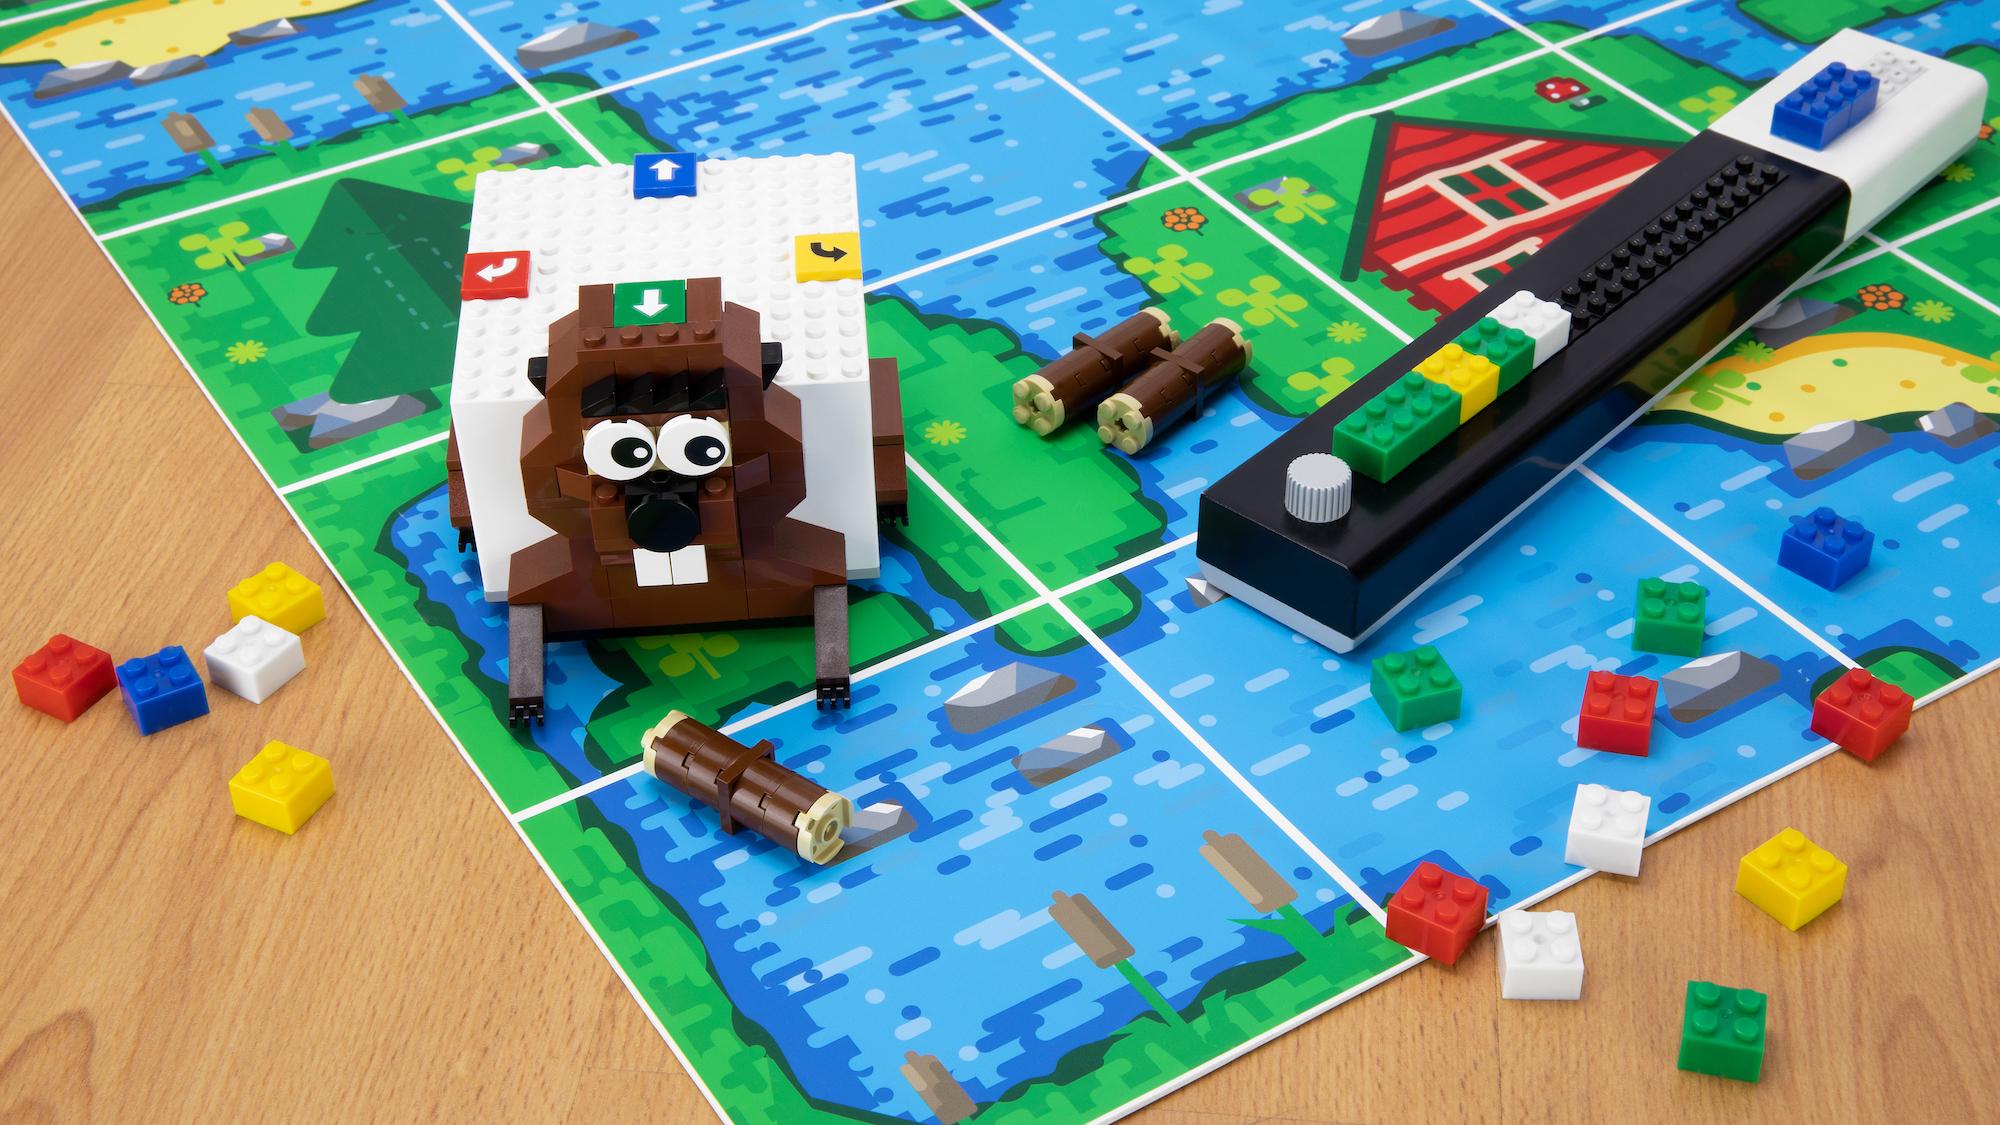 Tinkerbots Lomo: Programmieren lernen mit der IDE aus Lego-Steinen - In einem Erweiterungsset dreht sich alles um einen Biber. (Bild: Tinkerbots)